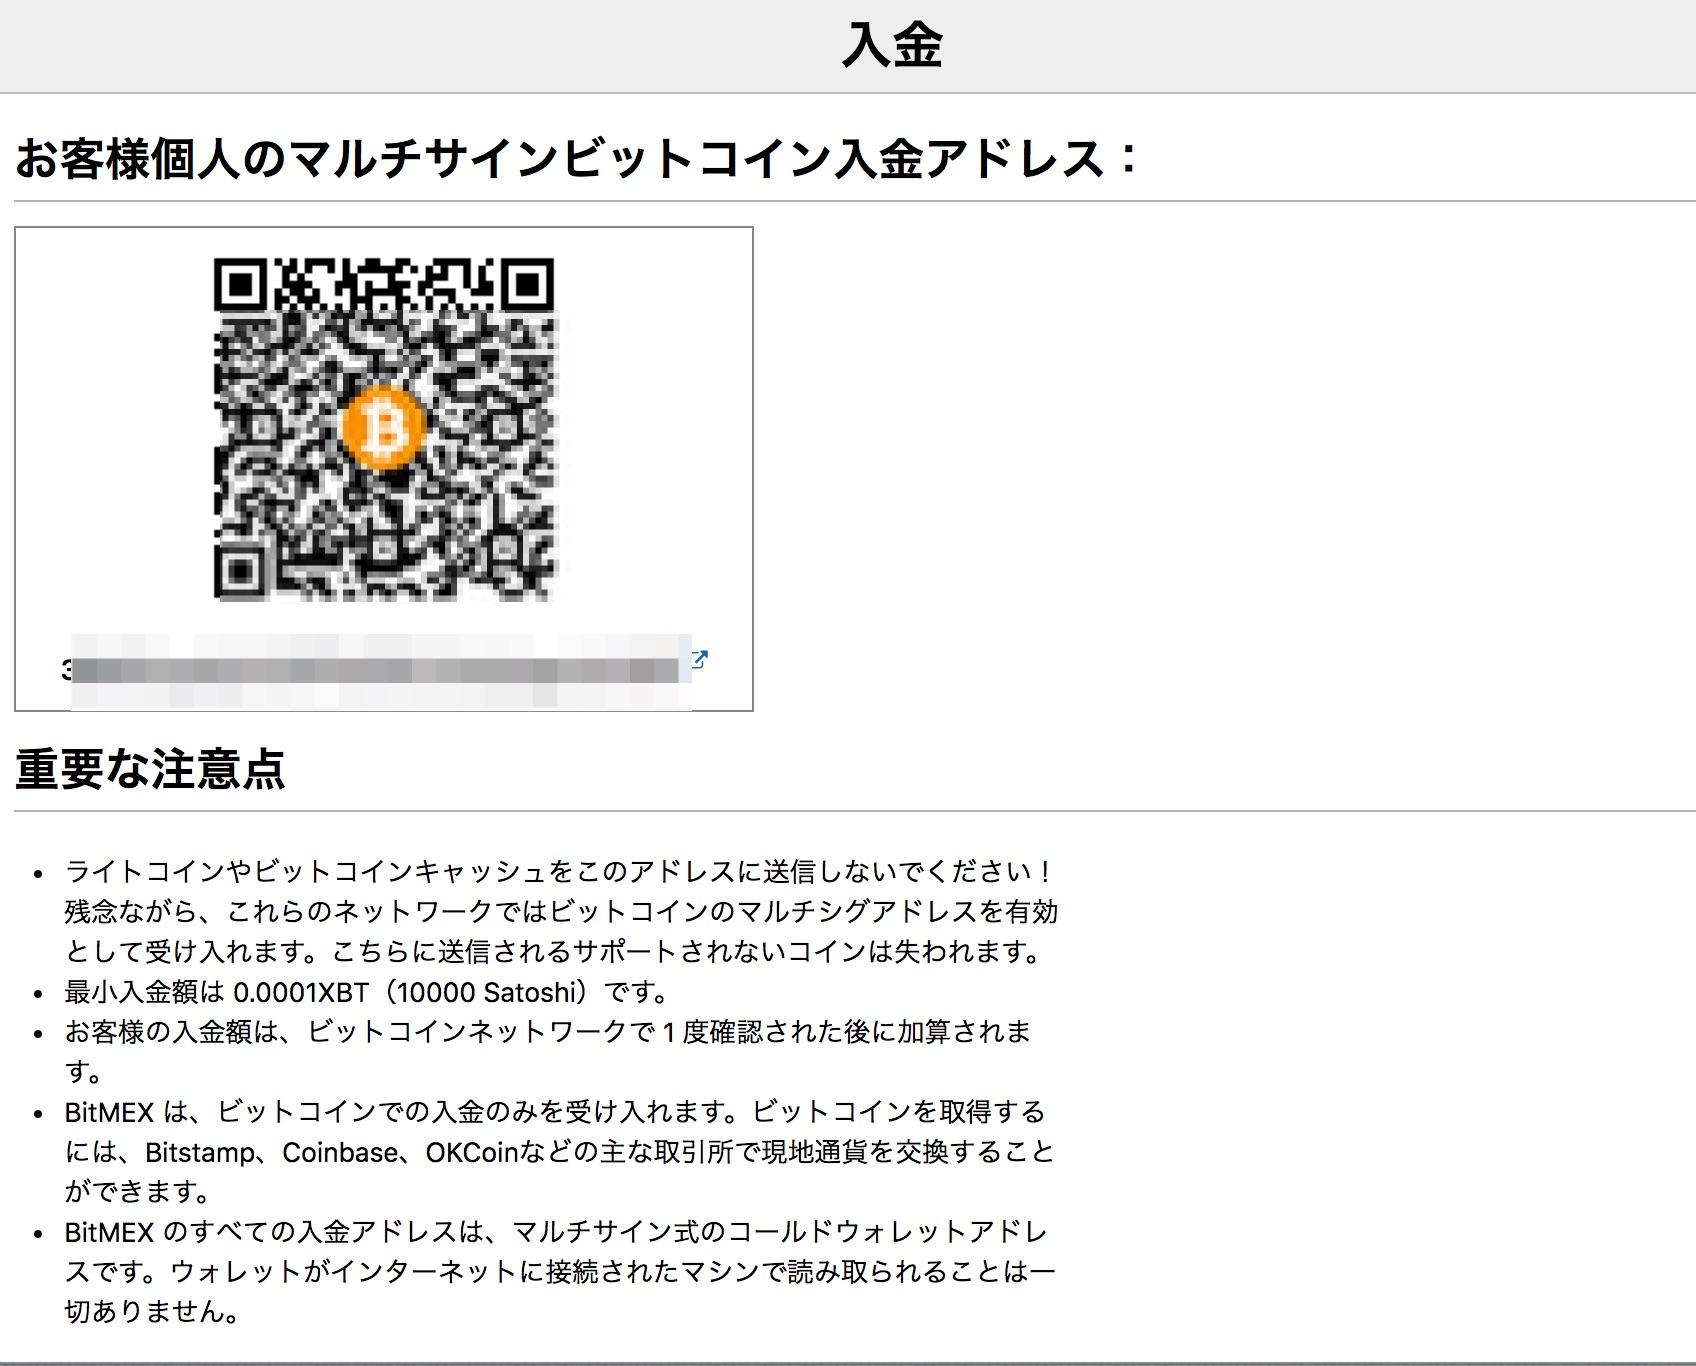 BitMEX2